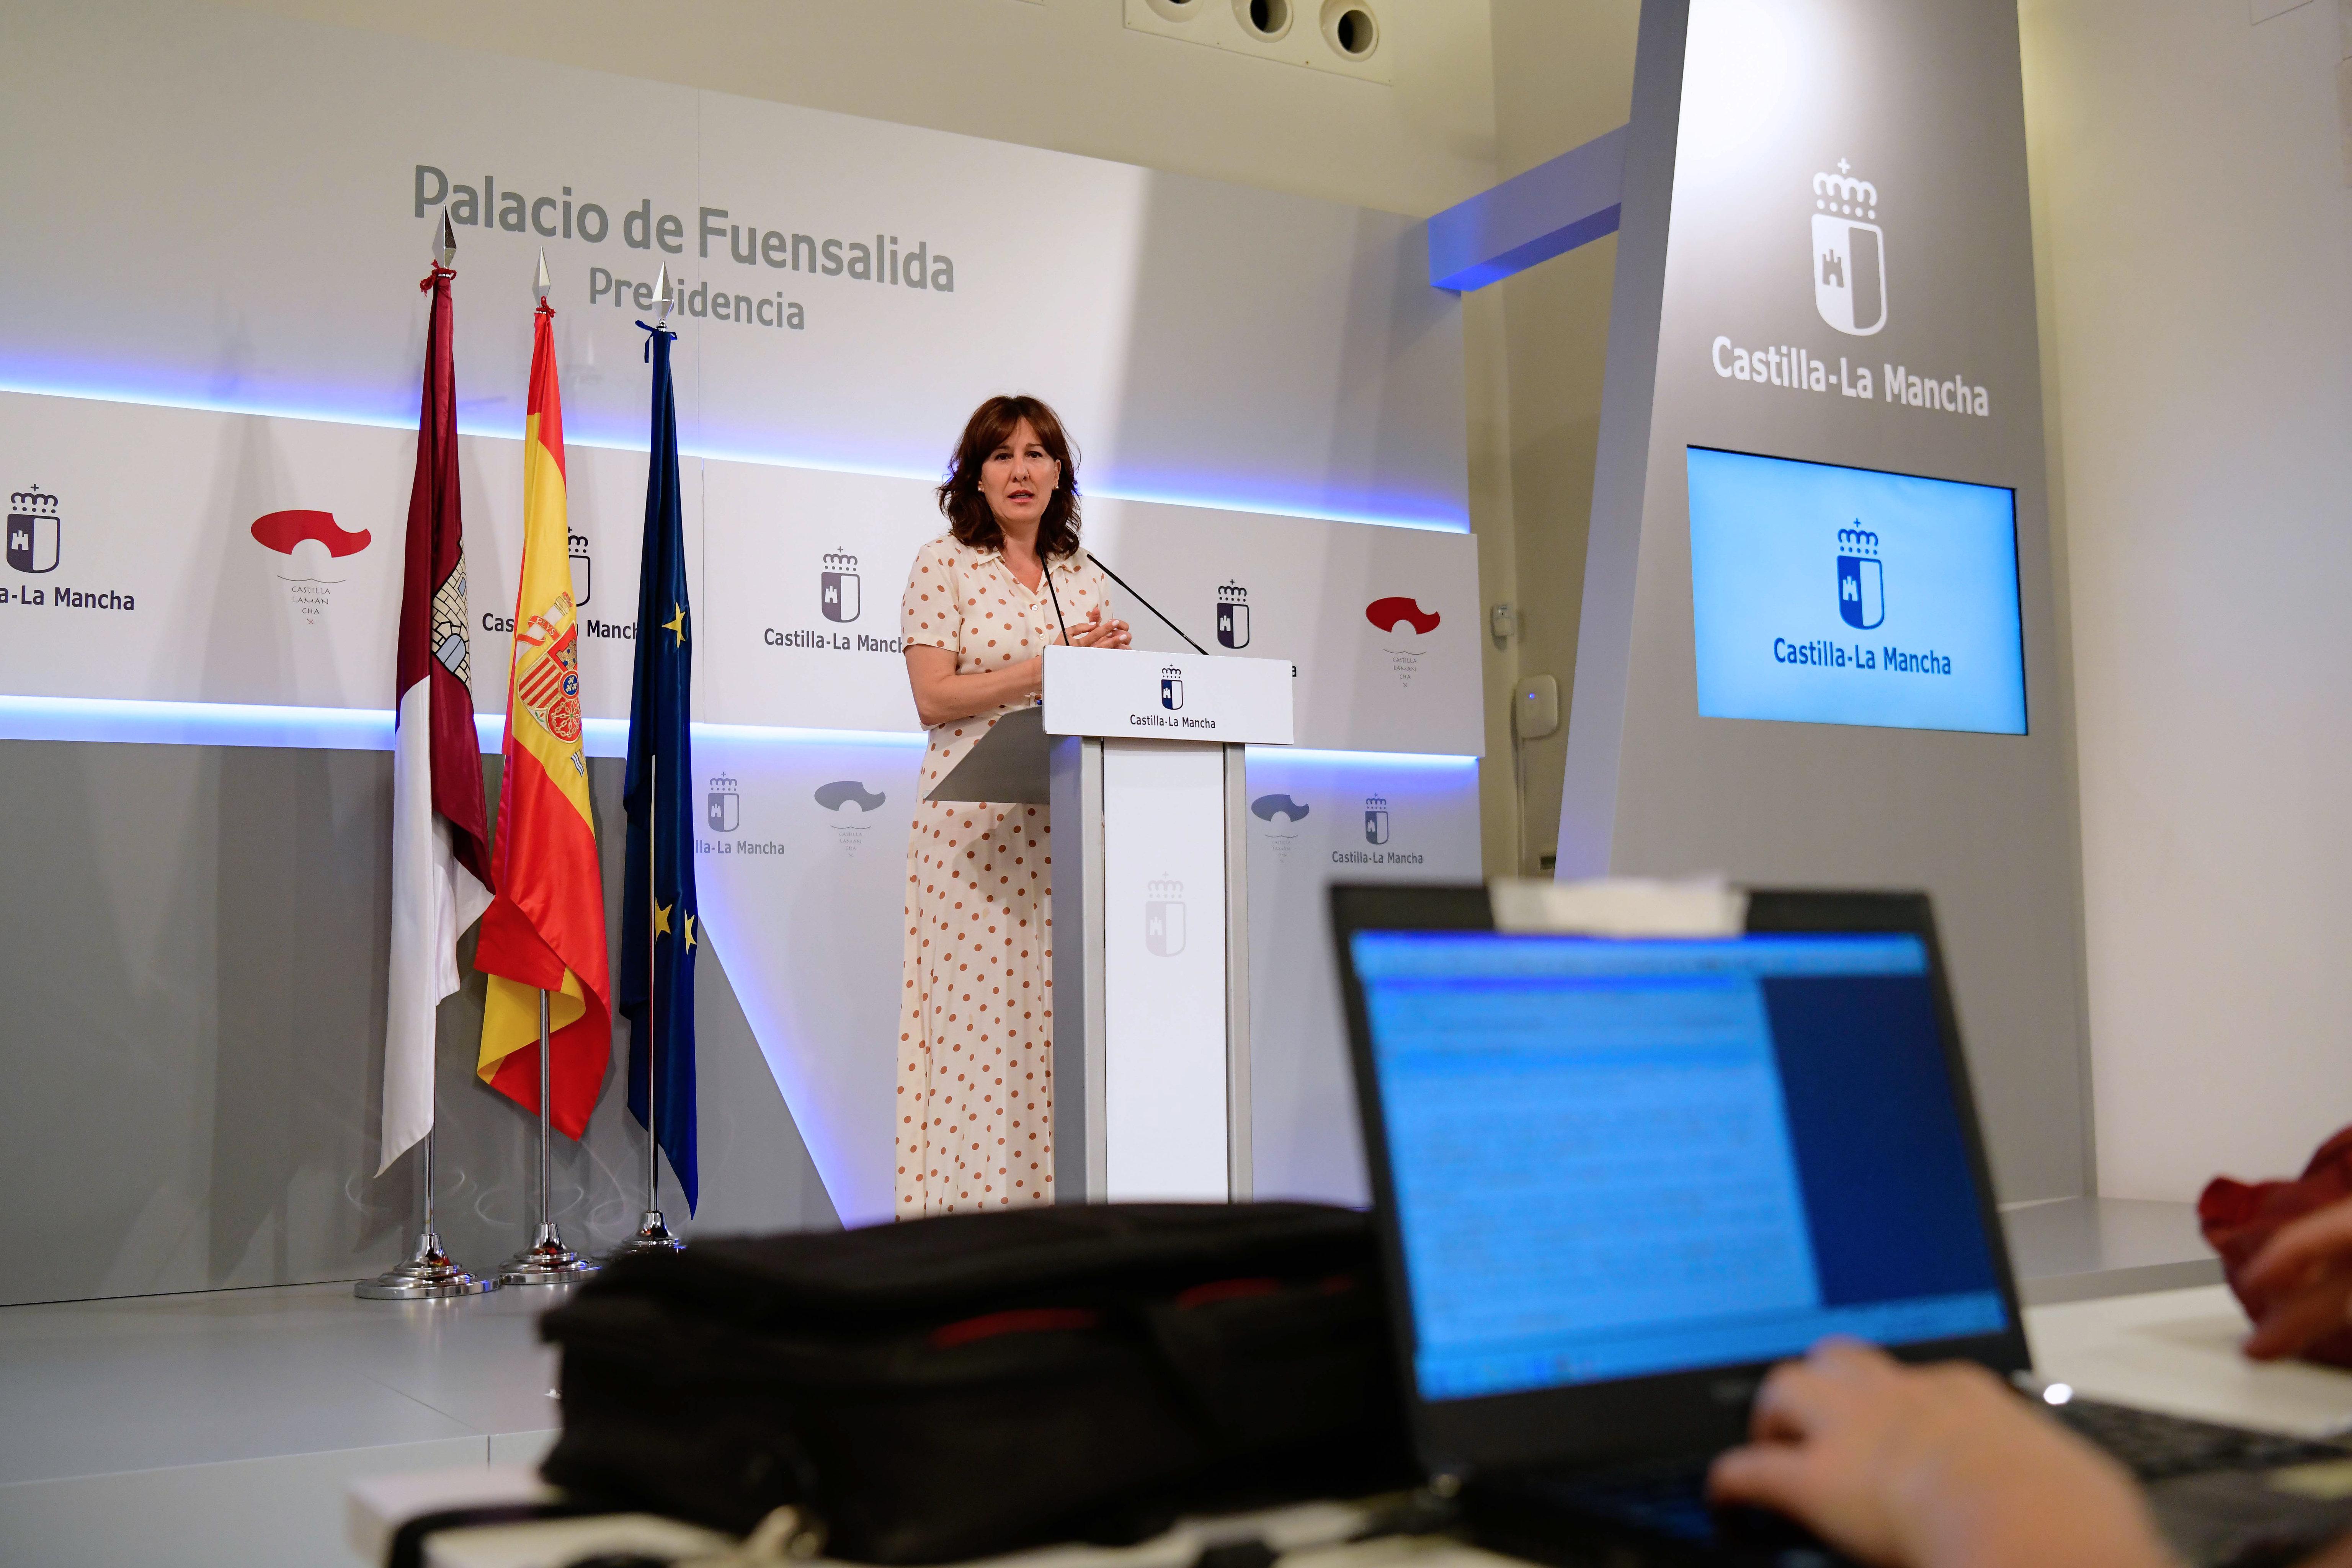 Rueda de prensa del Consejo de Gobierno (1 de julio) PORTAVOZ (II)